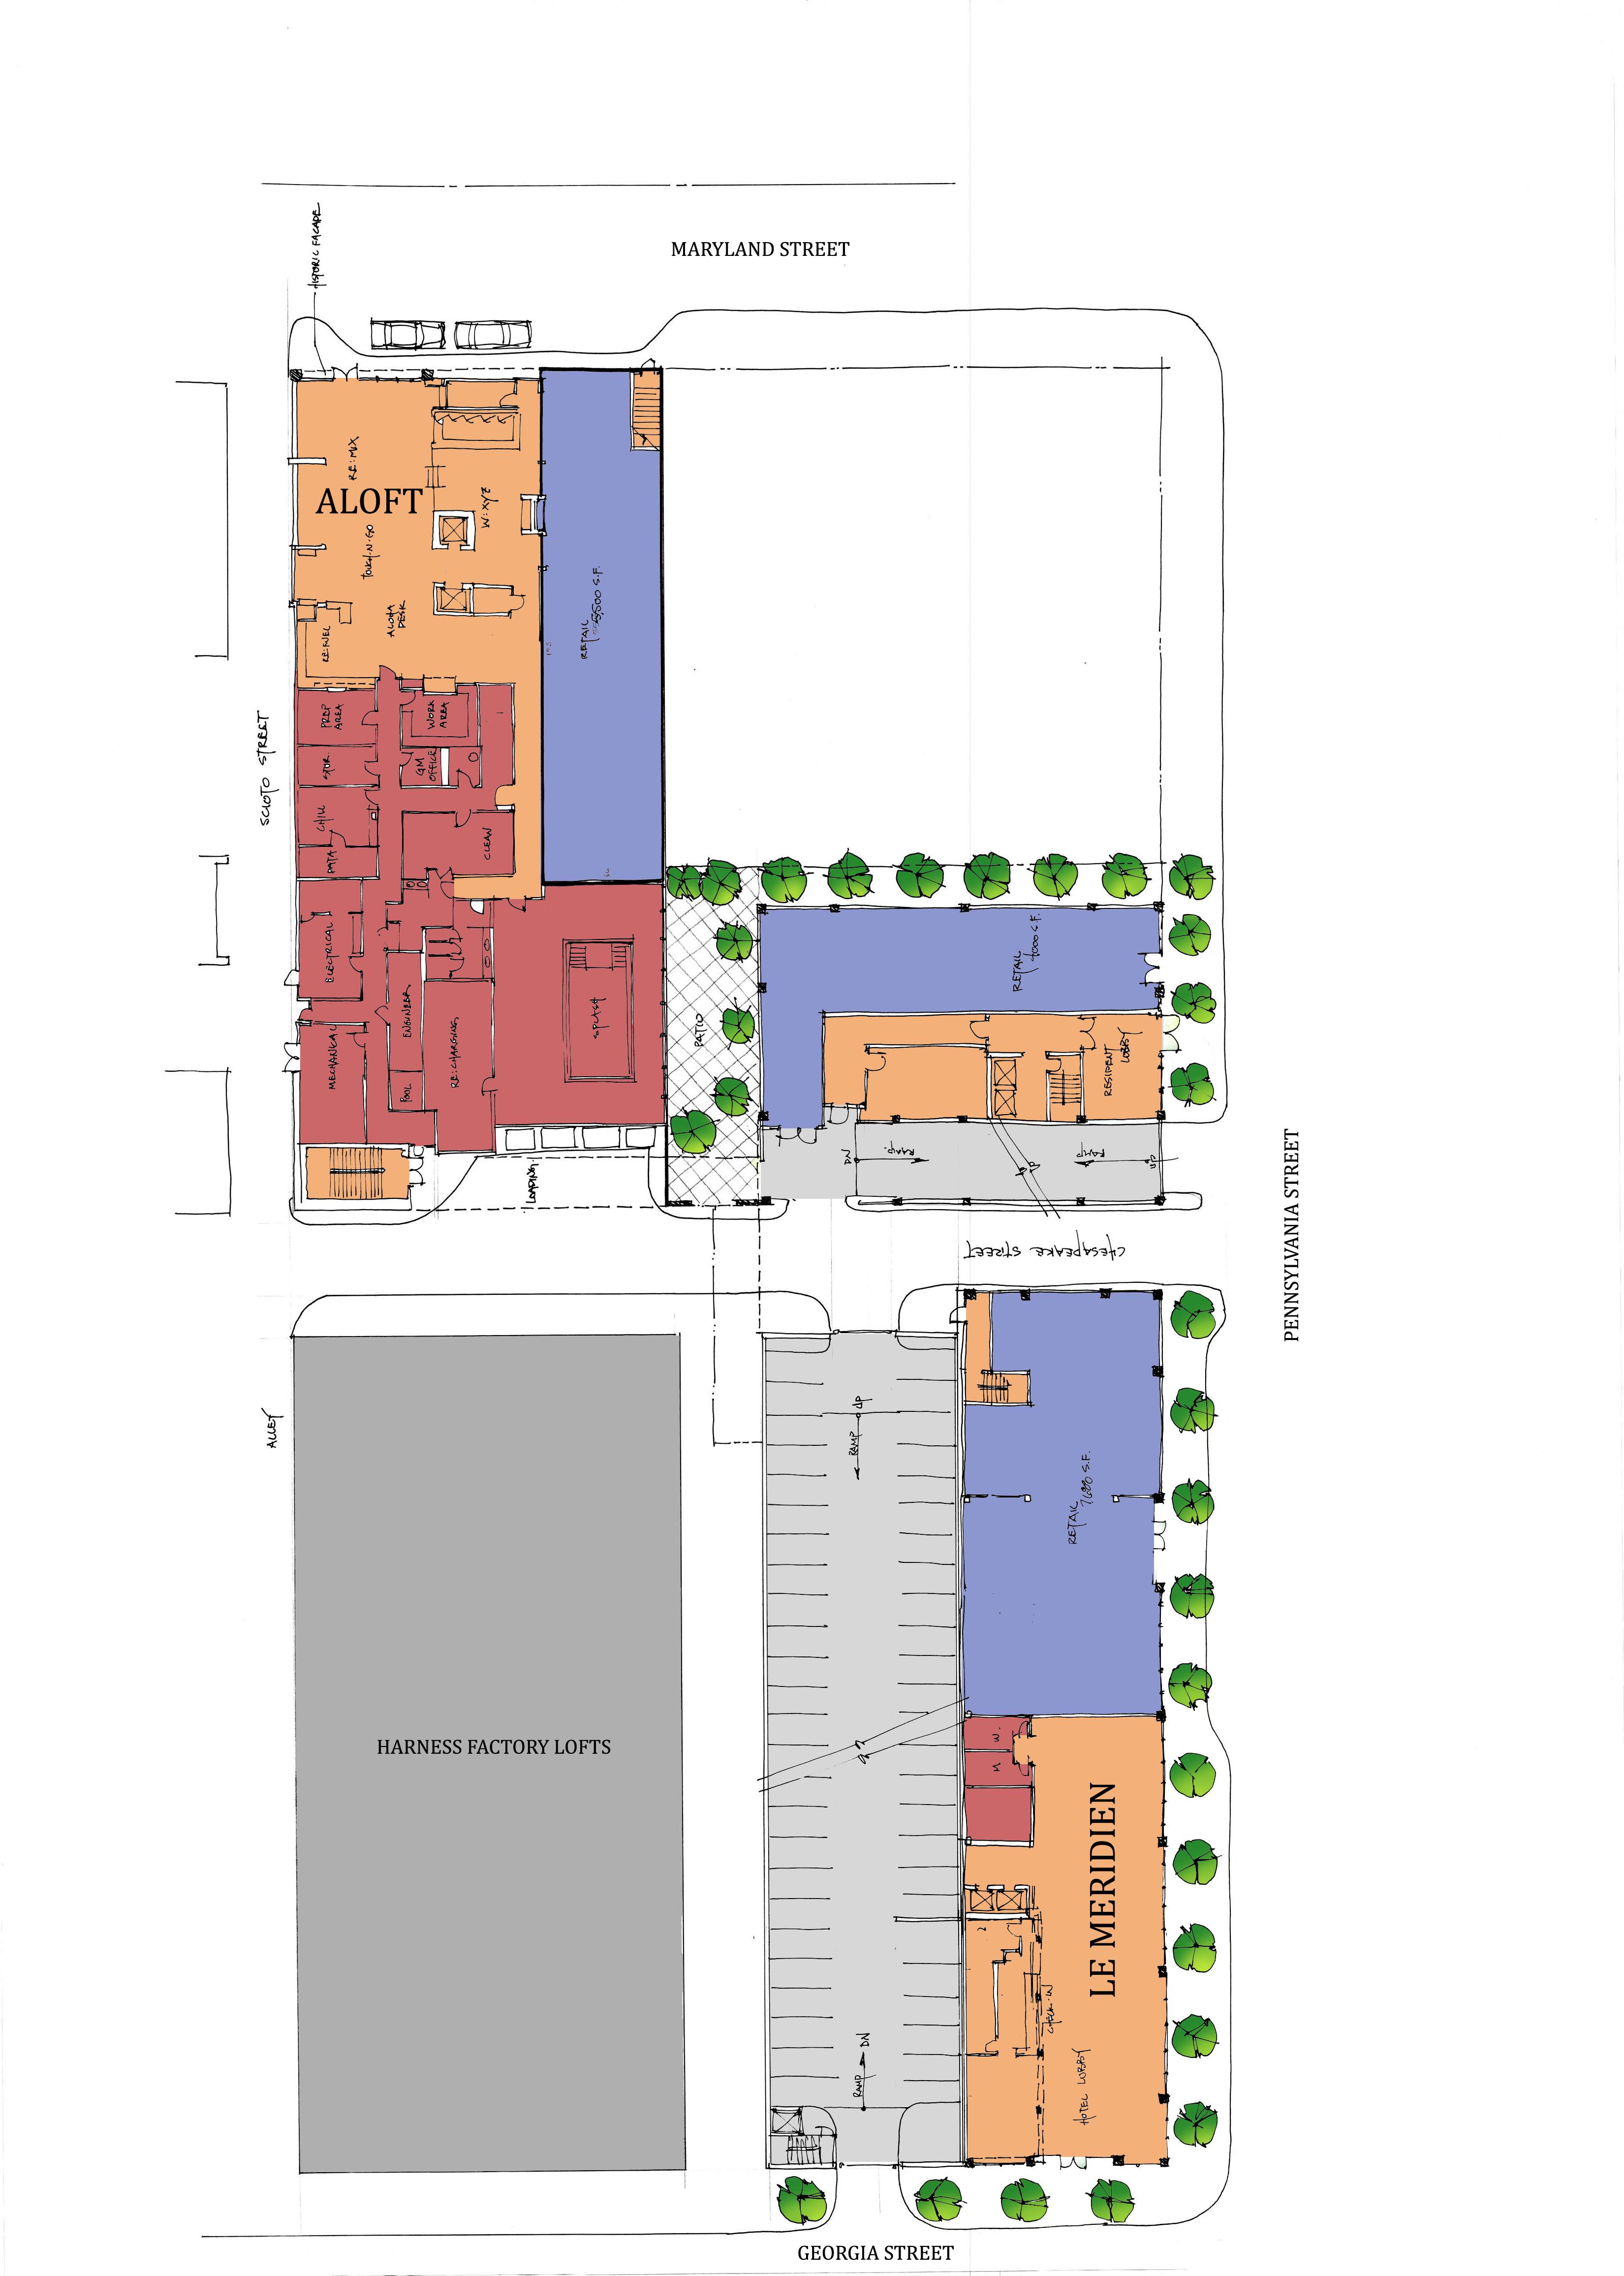 first floor plan rendered.jpg